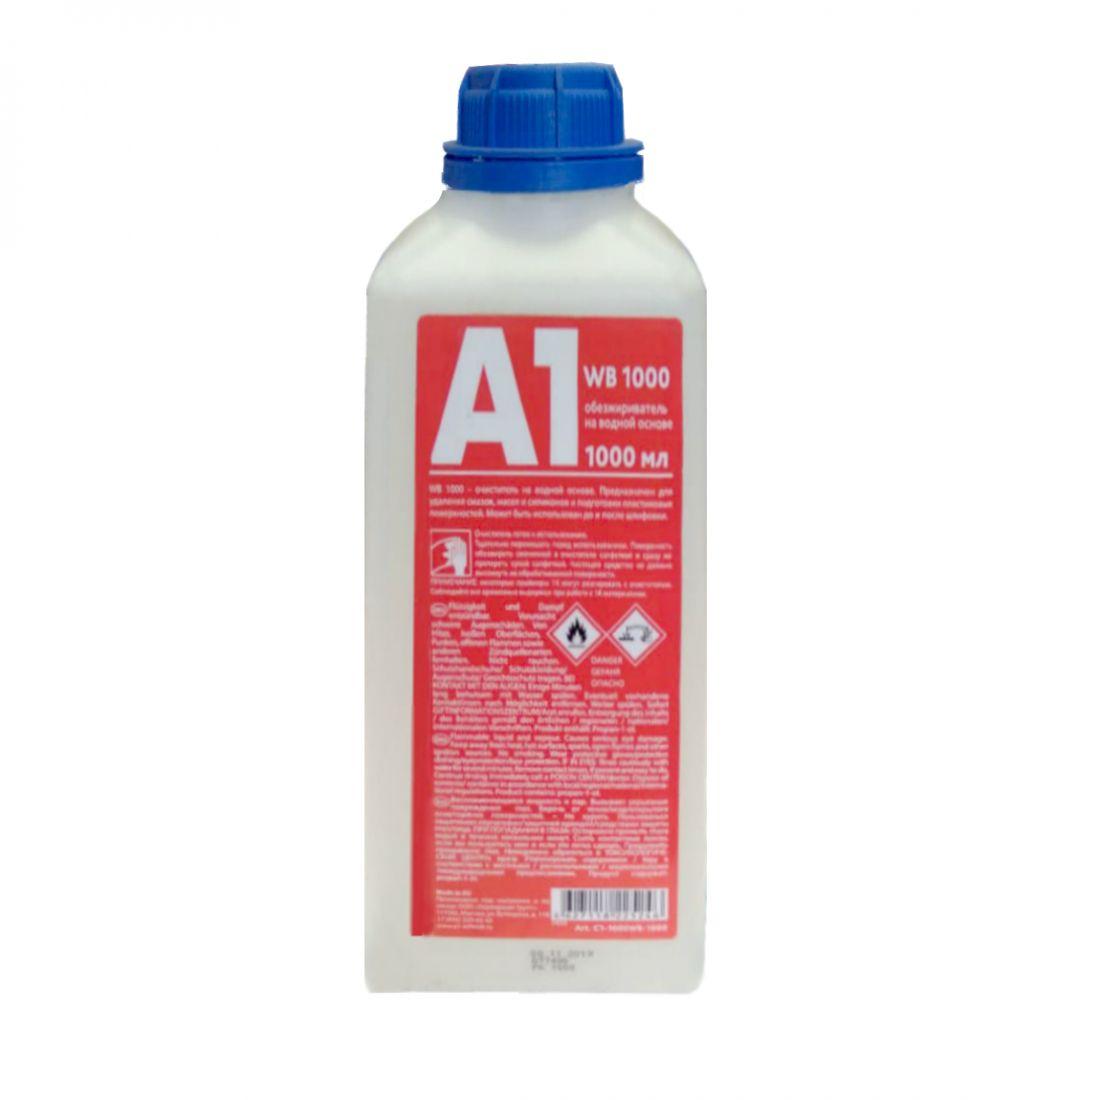 A1 WB 1000 Обезжириватель водно-спиртовой, 1л.